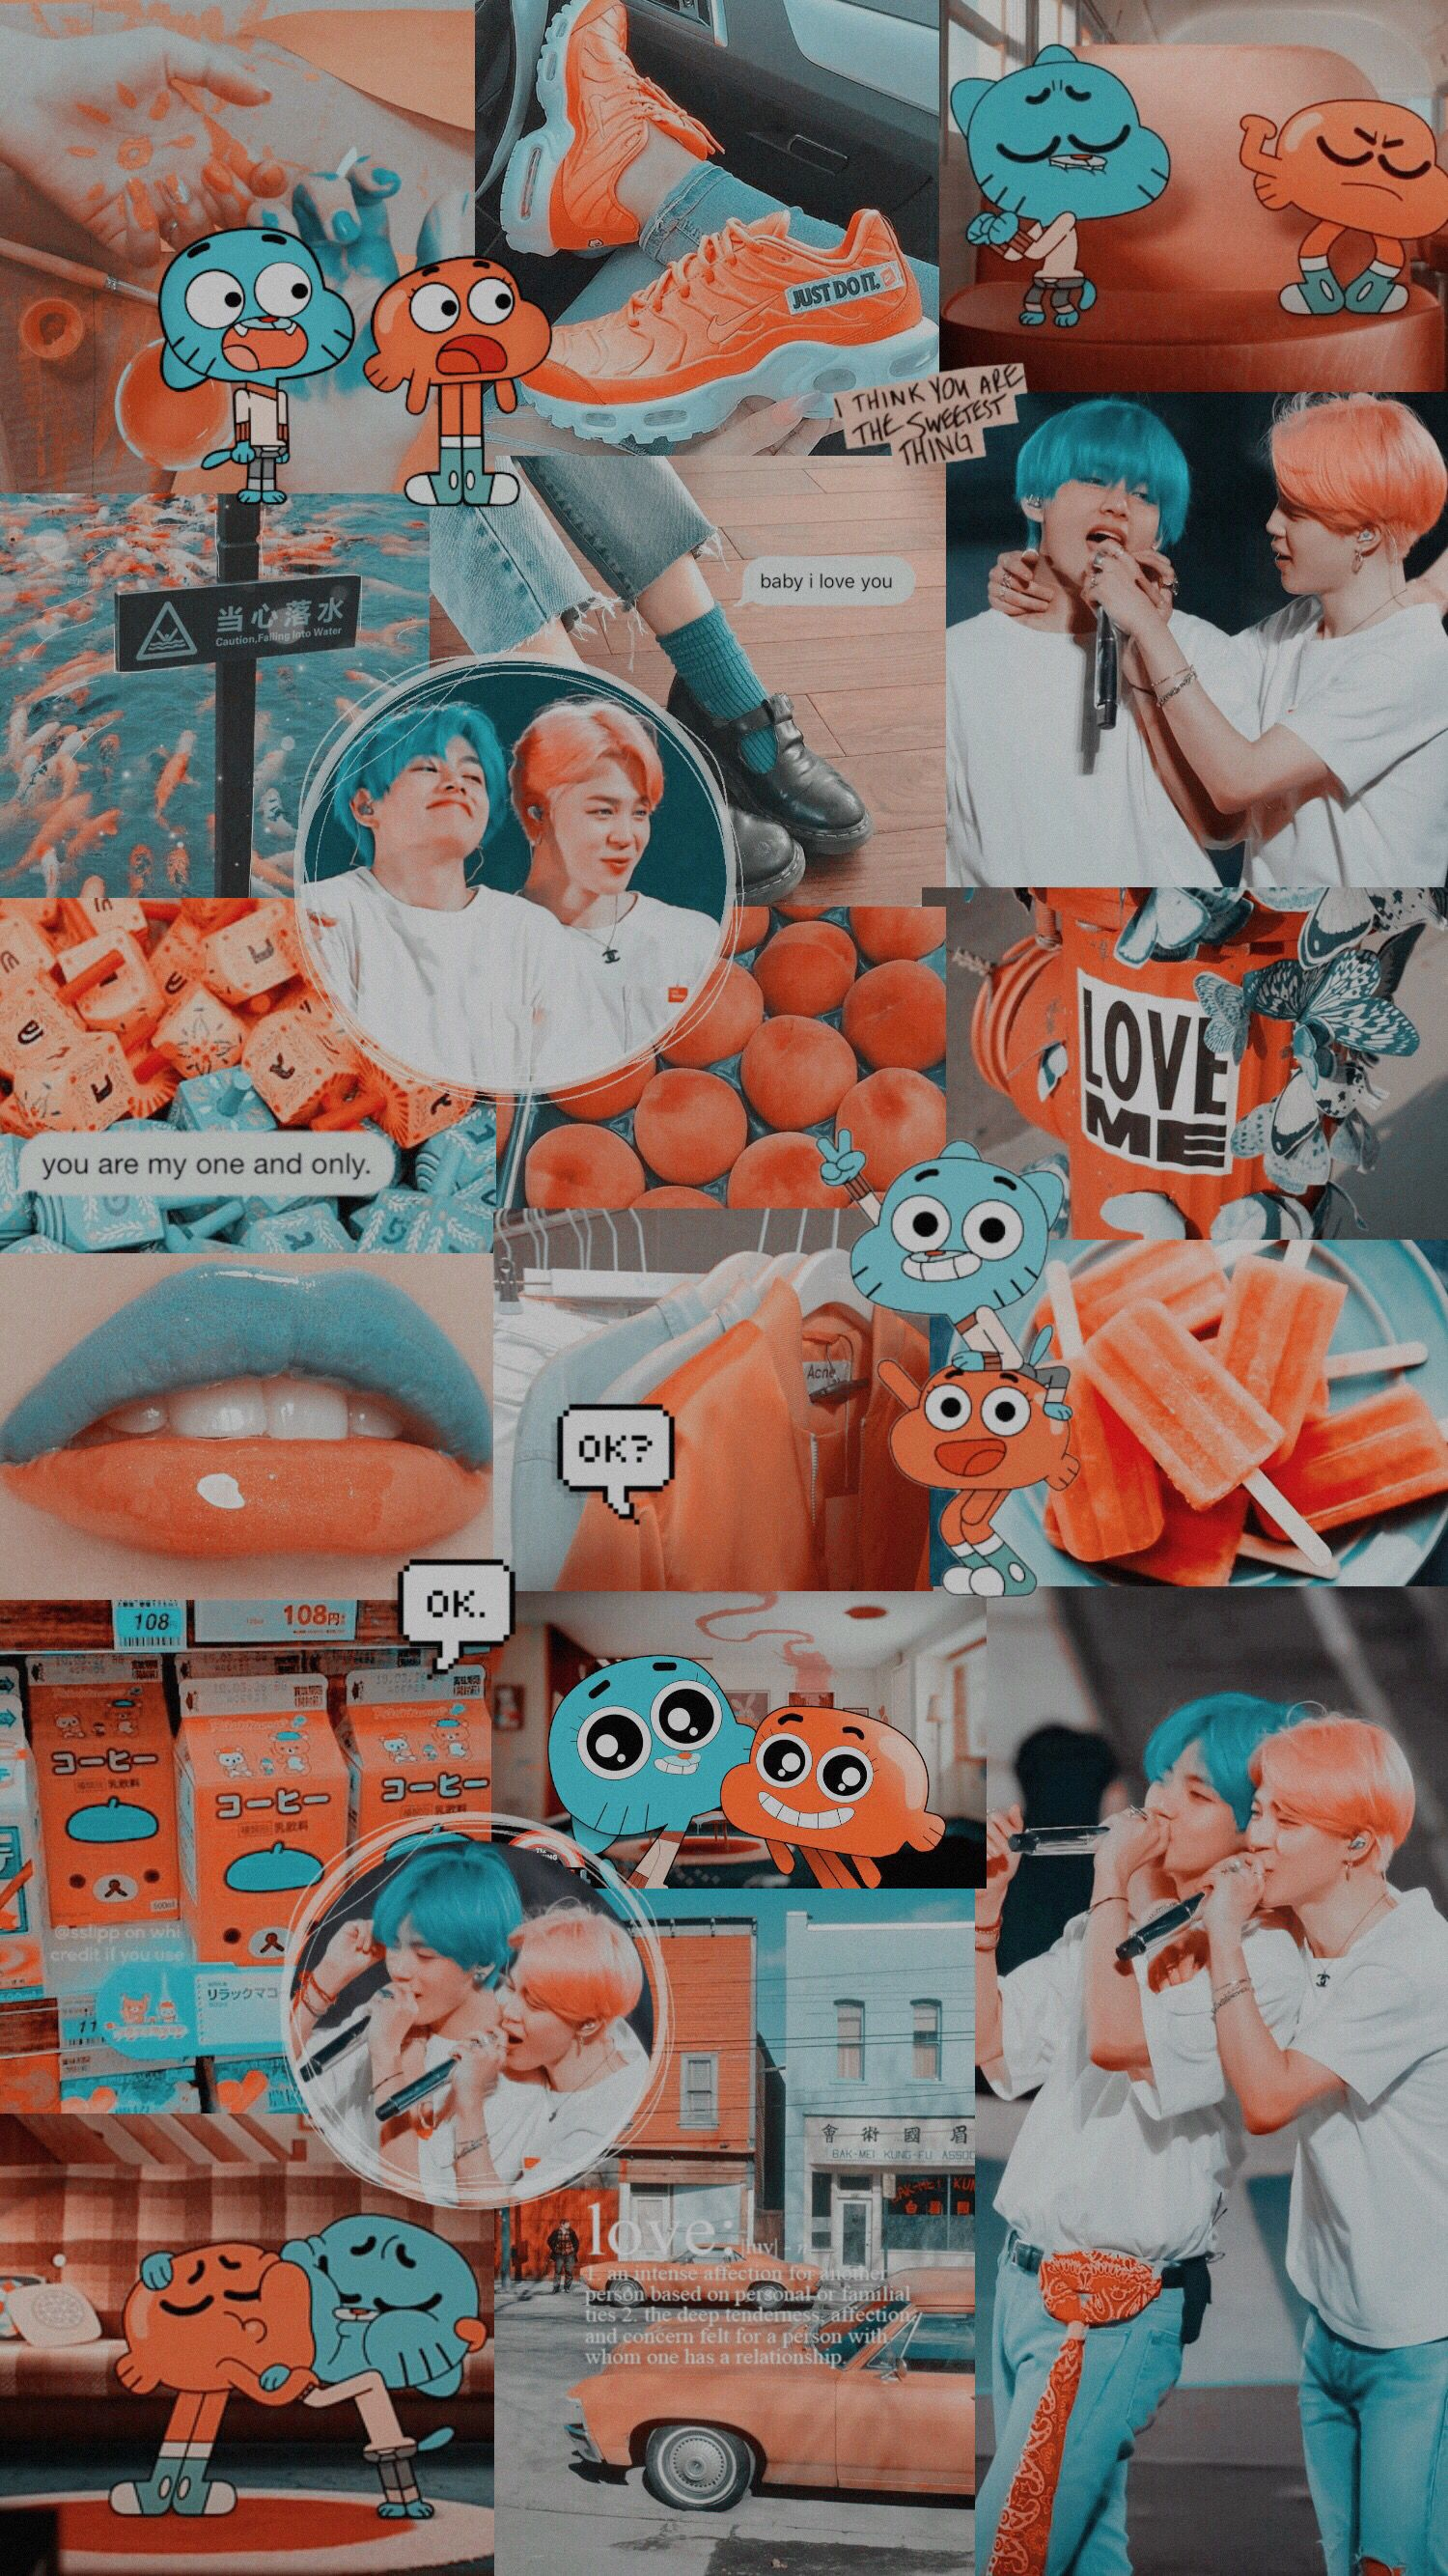 Vmin Jimin Taehyung V Wallpaper Bts Lockscreen Darwin Gumball Aesthetic Blue Oran In 2020 Bts Laptop Wallpaper Aesthetic Iphone Wallpaper Cartoon Wallpaper